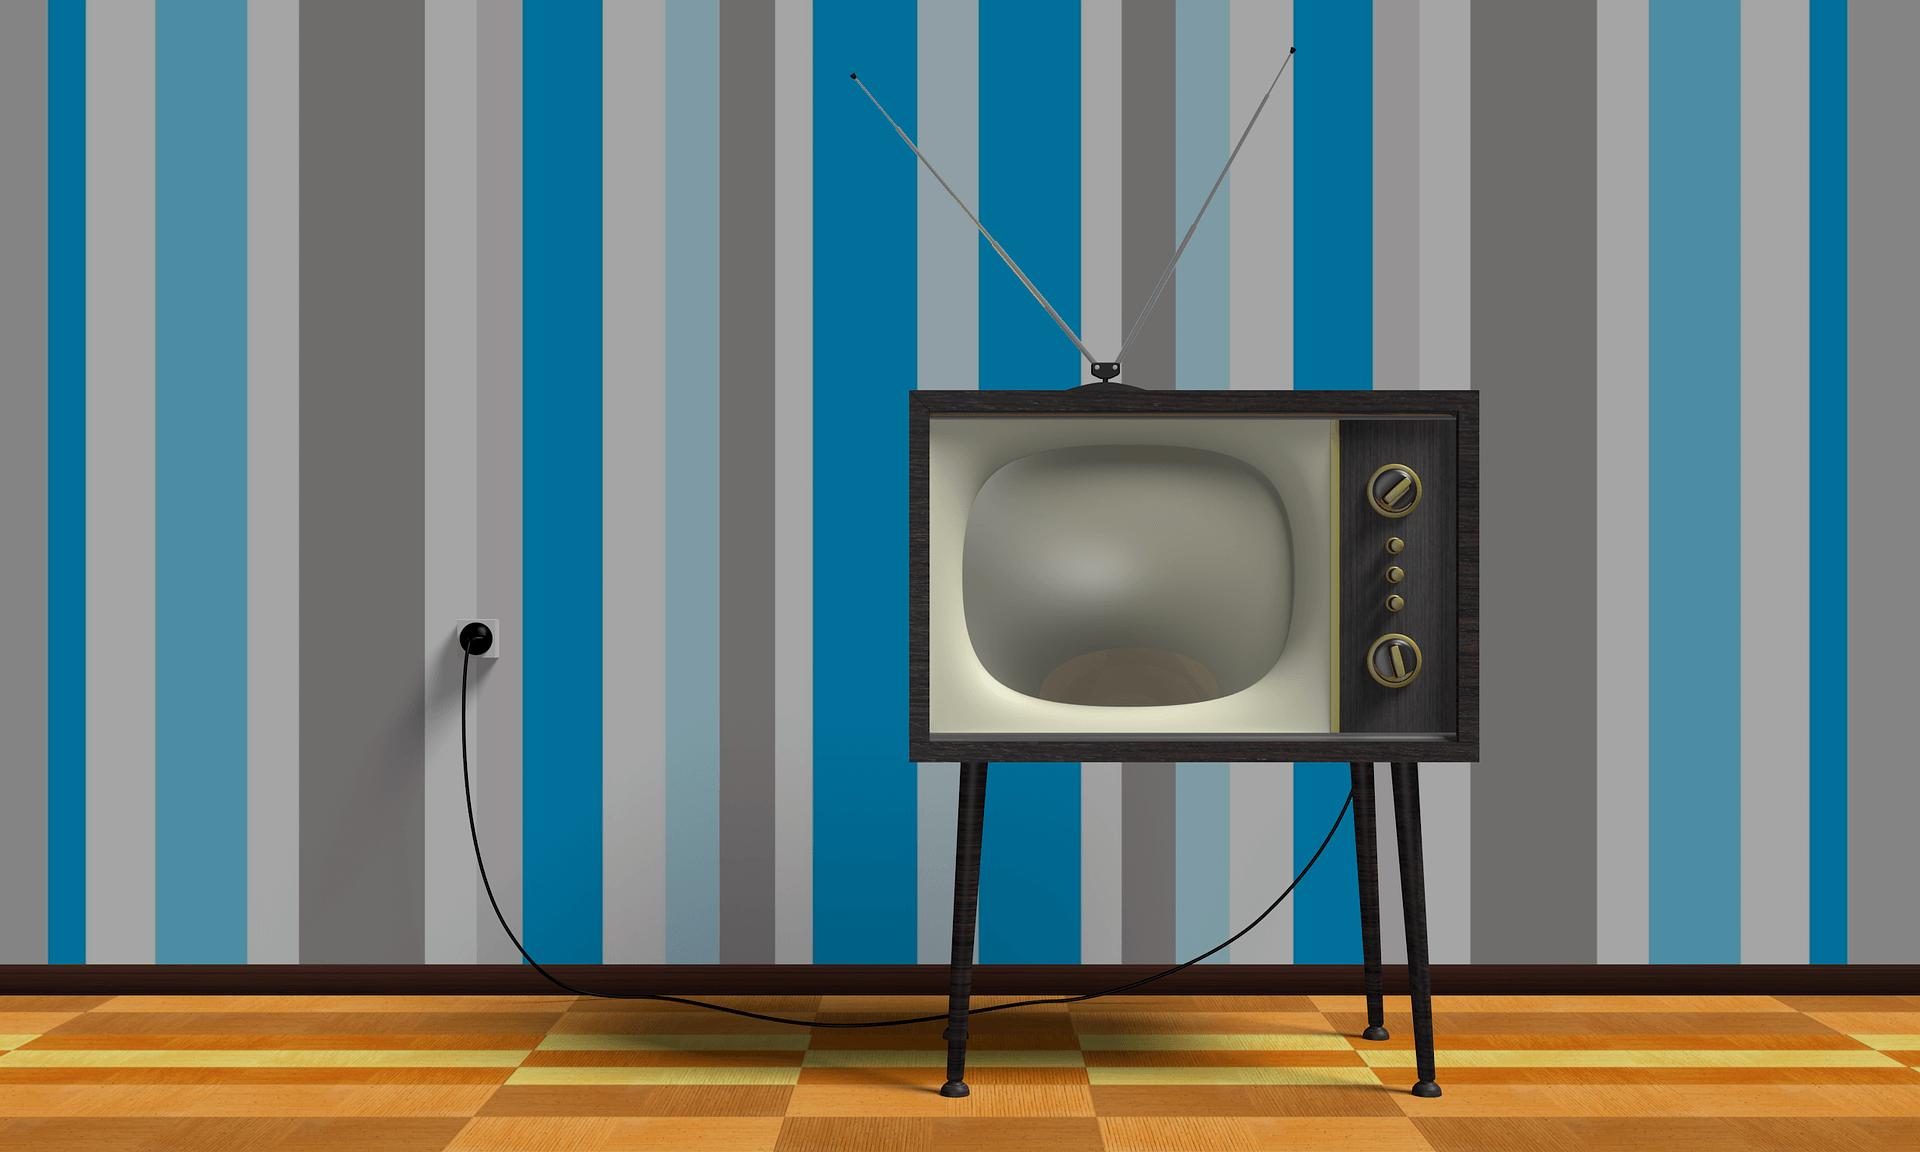 Strom mit Prämie - Strom sparen mit der richtigen TV Groeße